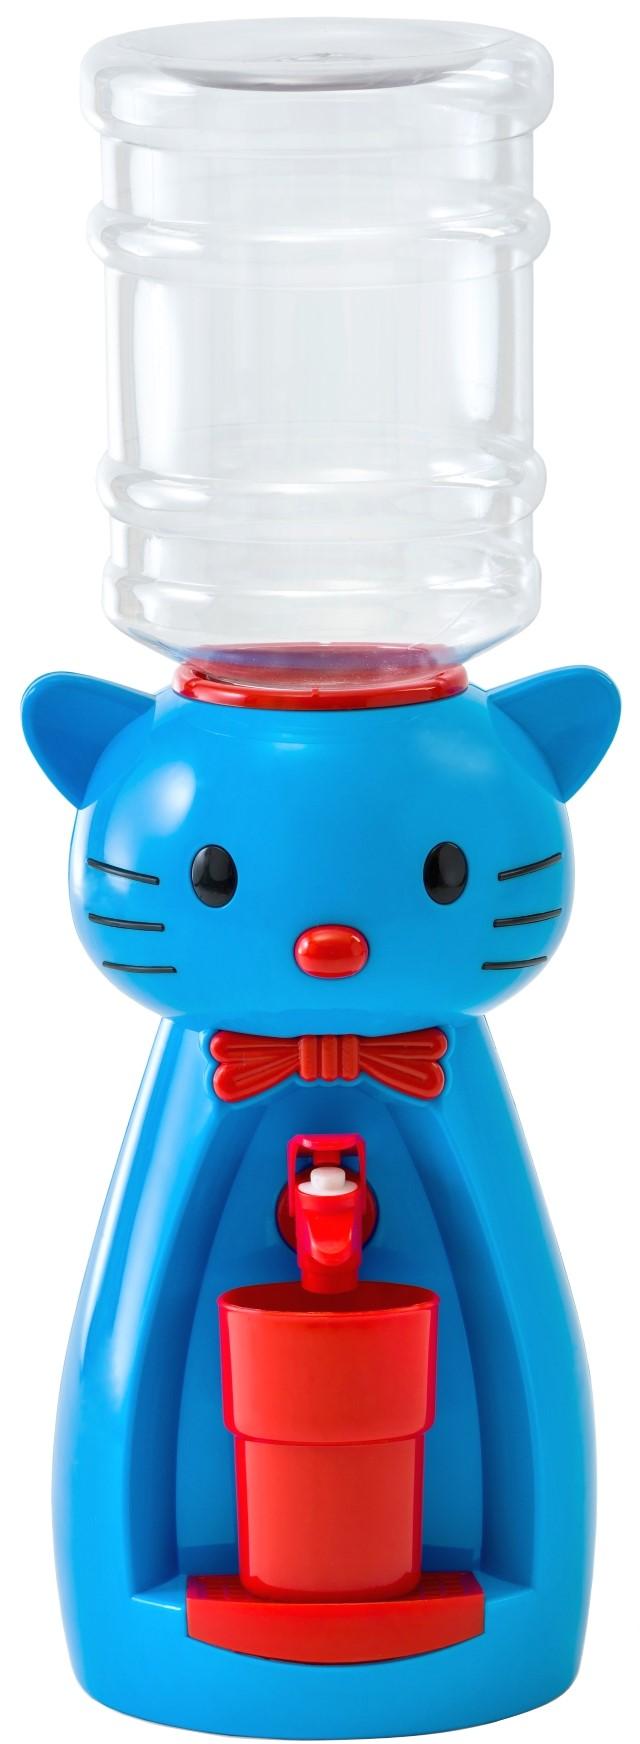 Кулер для воды VATTEN Kids Kitty